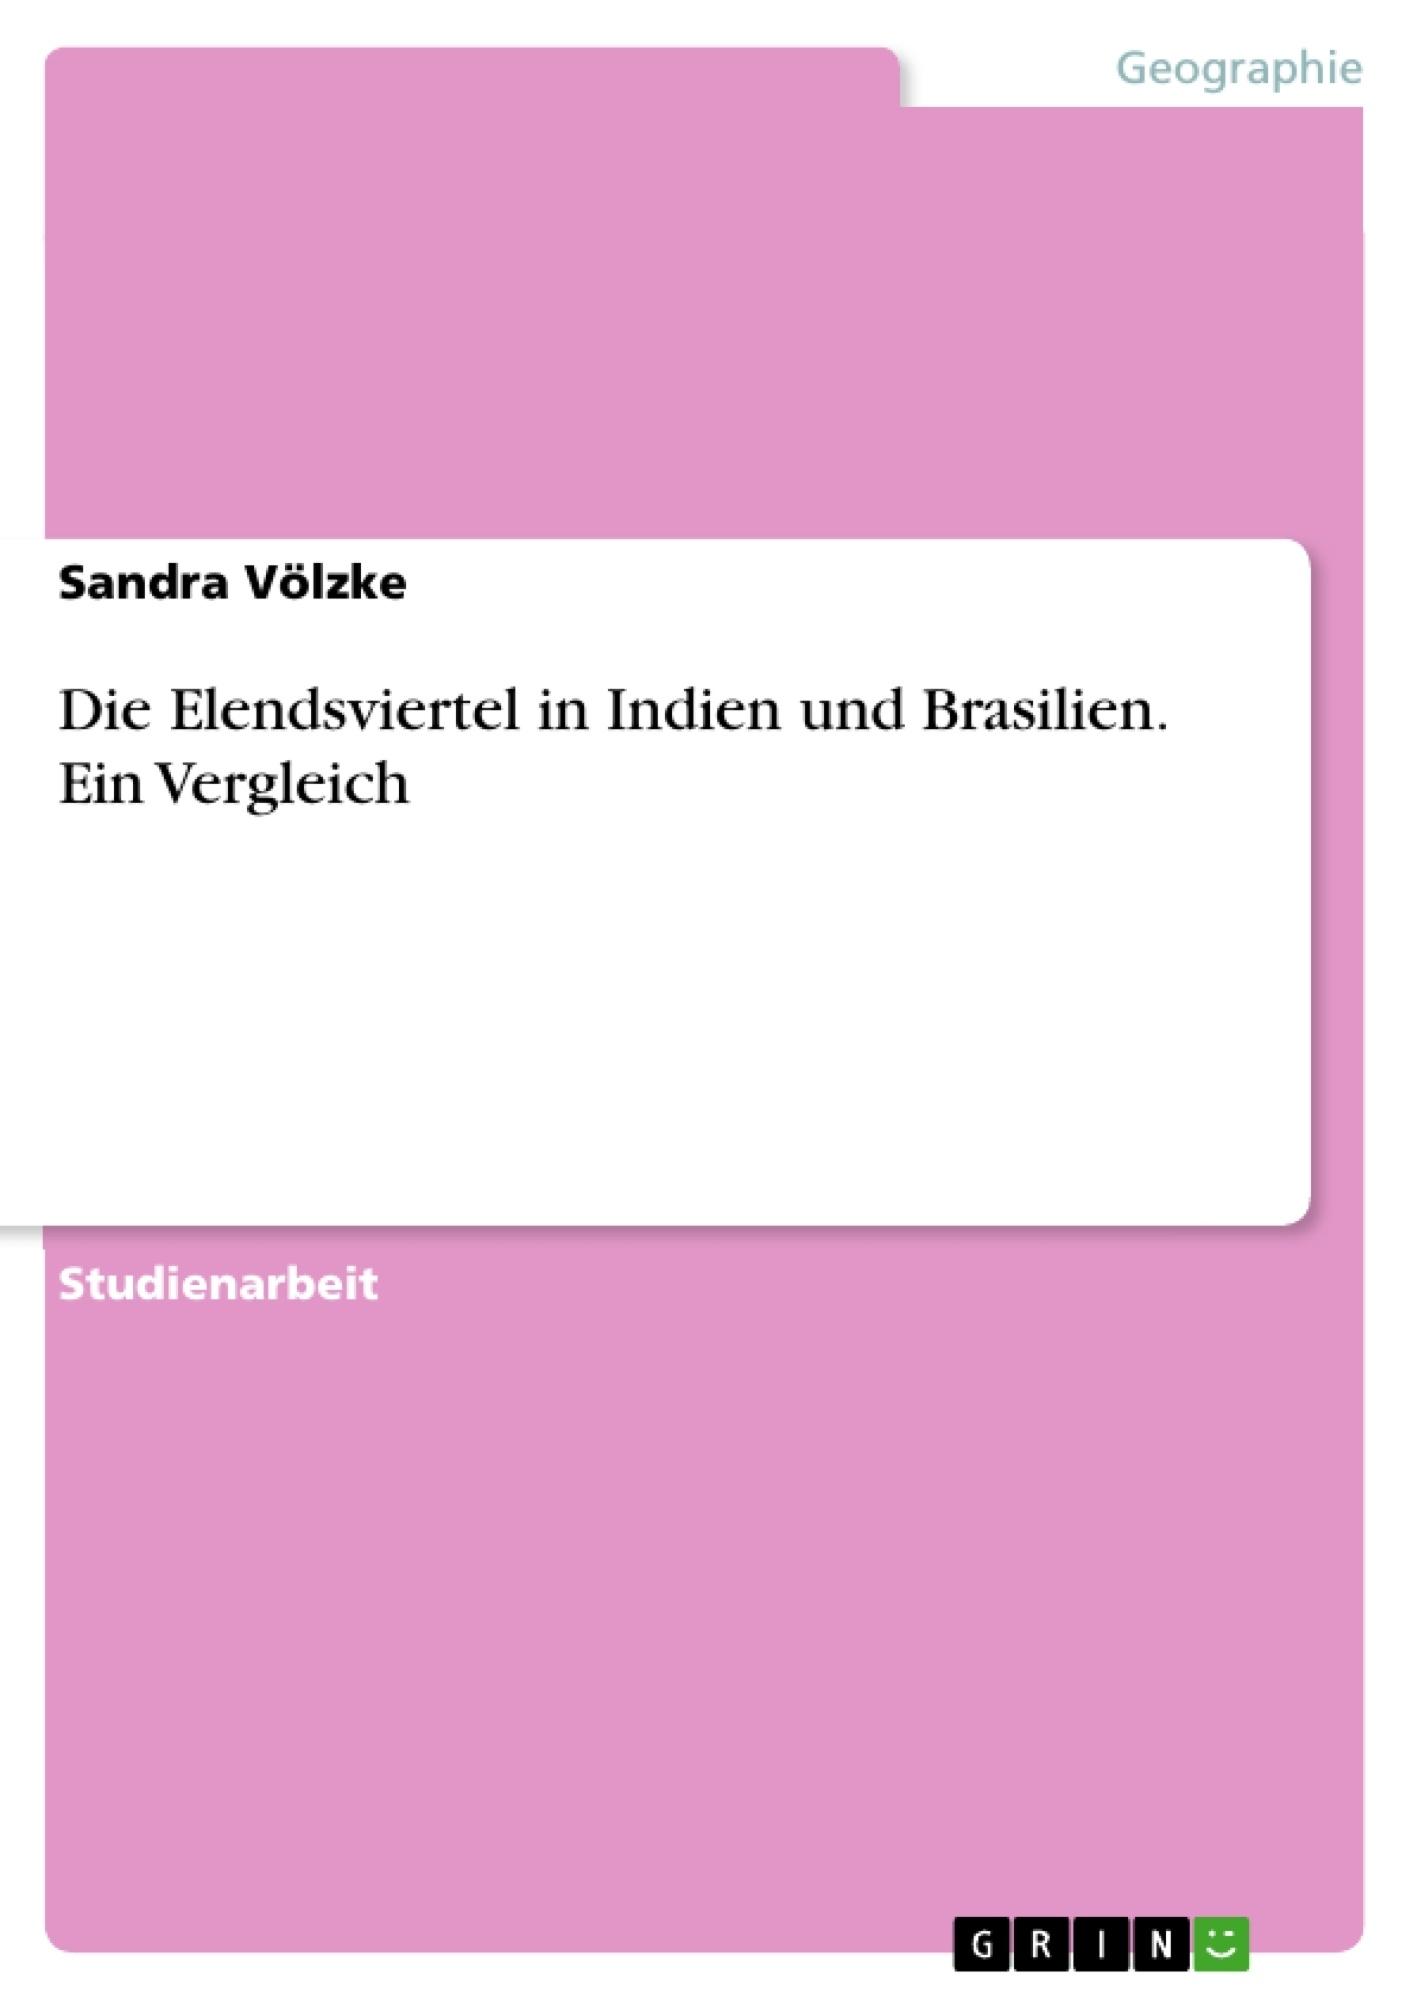 Titel: Die Elendsviertel in Indien und Brasilien. Ein Vergleich